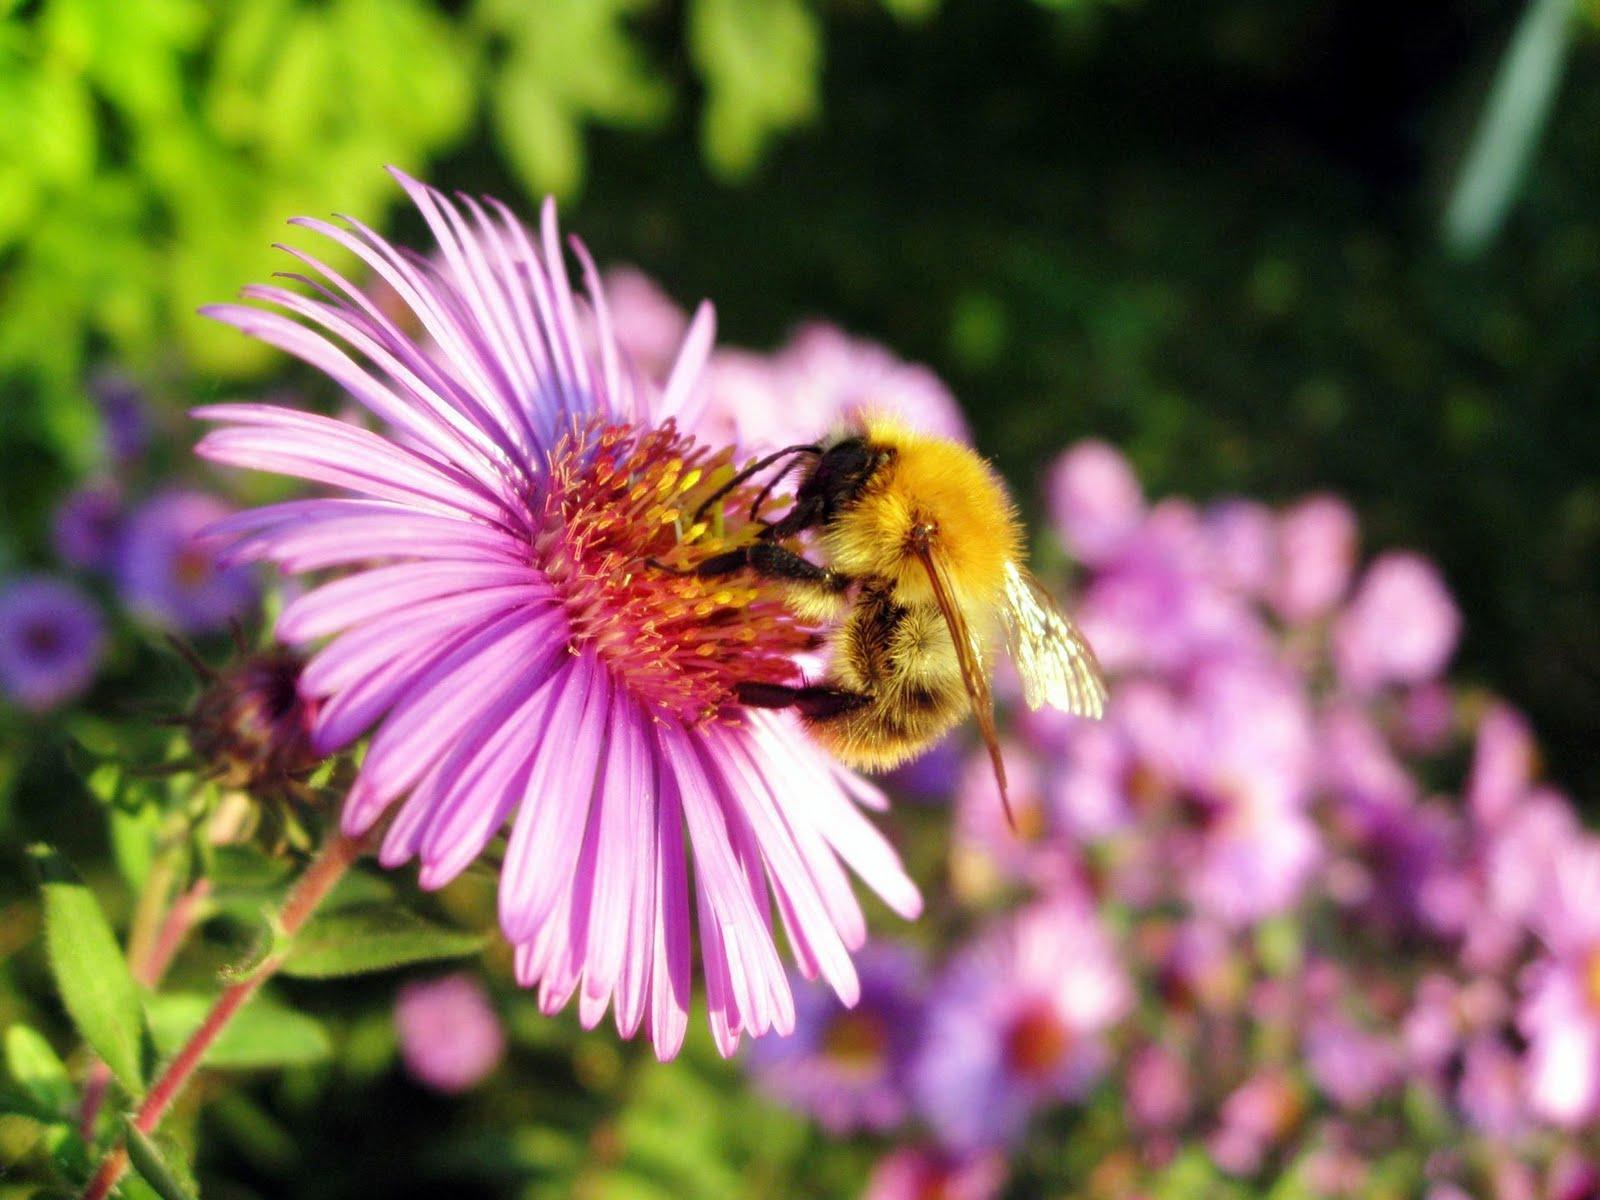 http://2.bp.blogspot.com/-VlAKe795zME/TmpIDtPP4AI/AAAAAAAAAA4/I2-qOdlAbaM/s1600/bee-wallpapers-16-710187.jpg